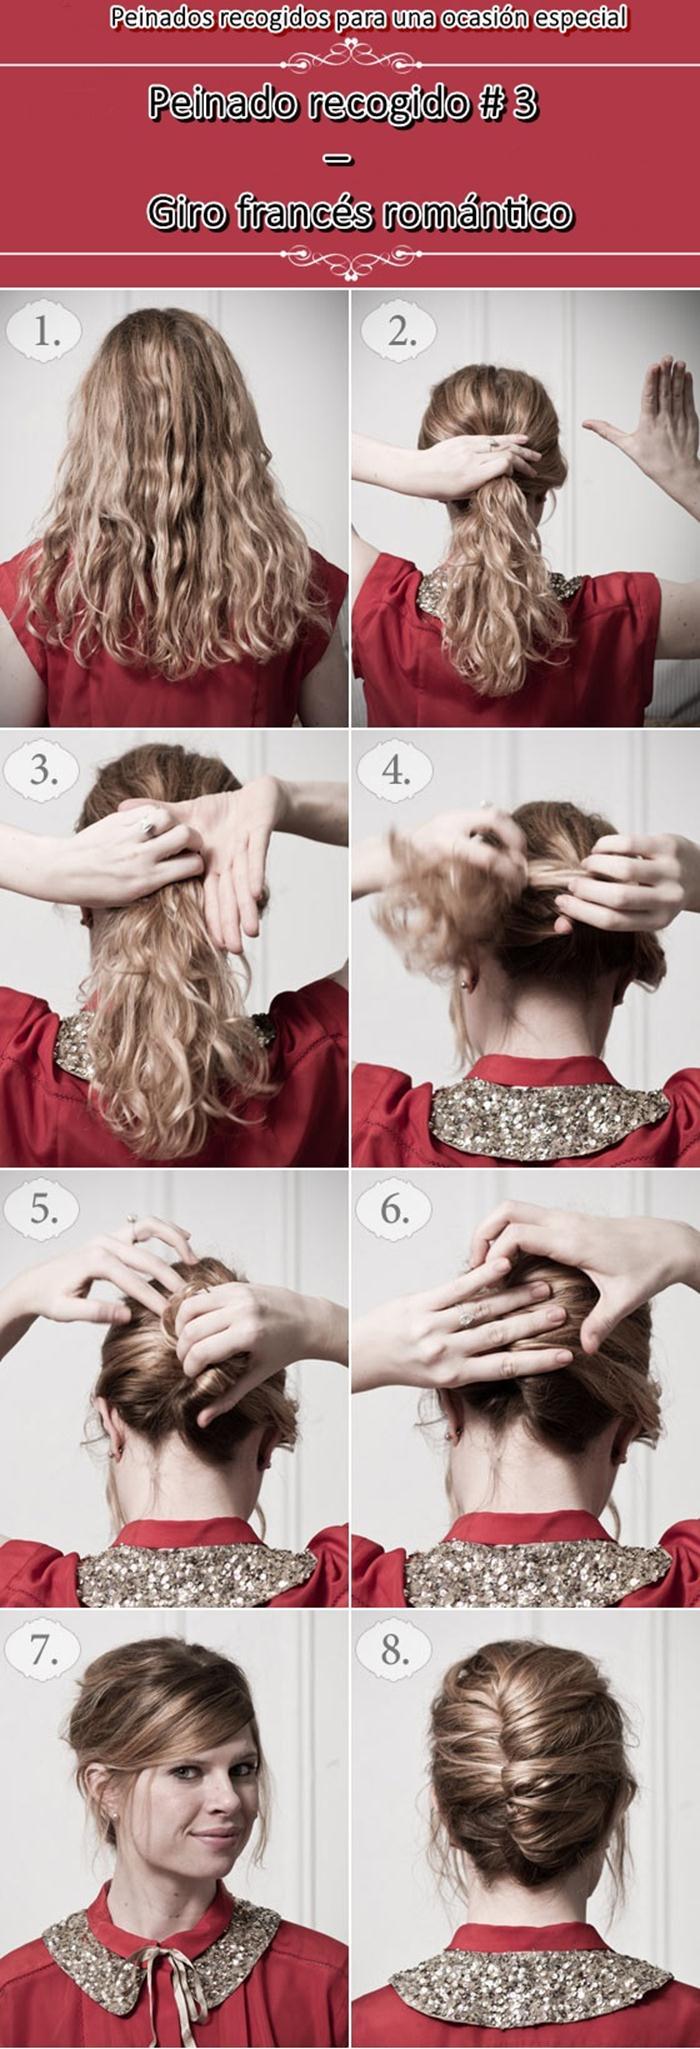 que al ver la imagen lo podrn hacer si tienes un buen tacto creando peinados recogidos seguramente no tardaras mucho en terminarlo vean la imagen